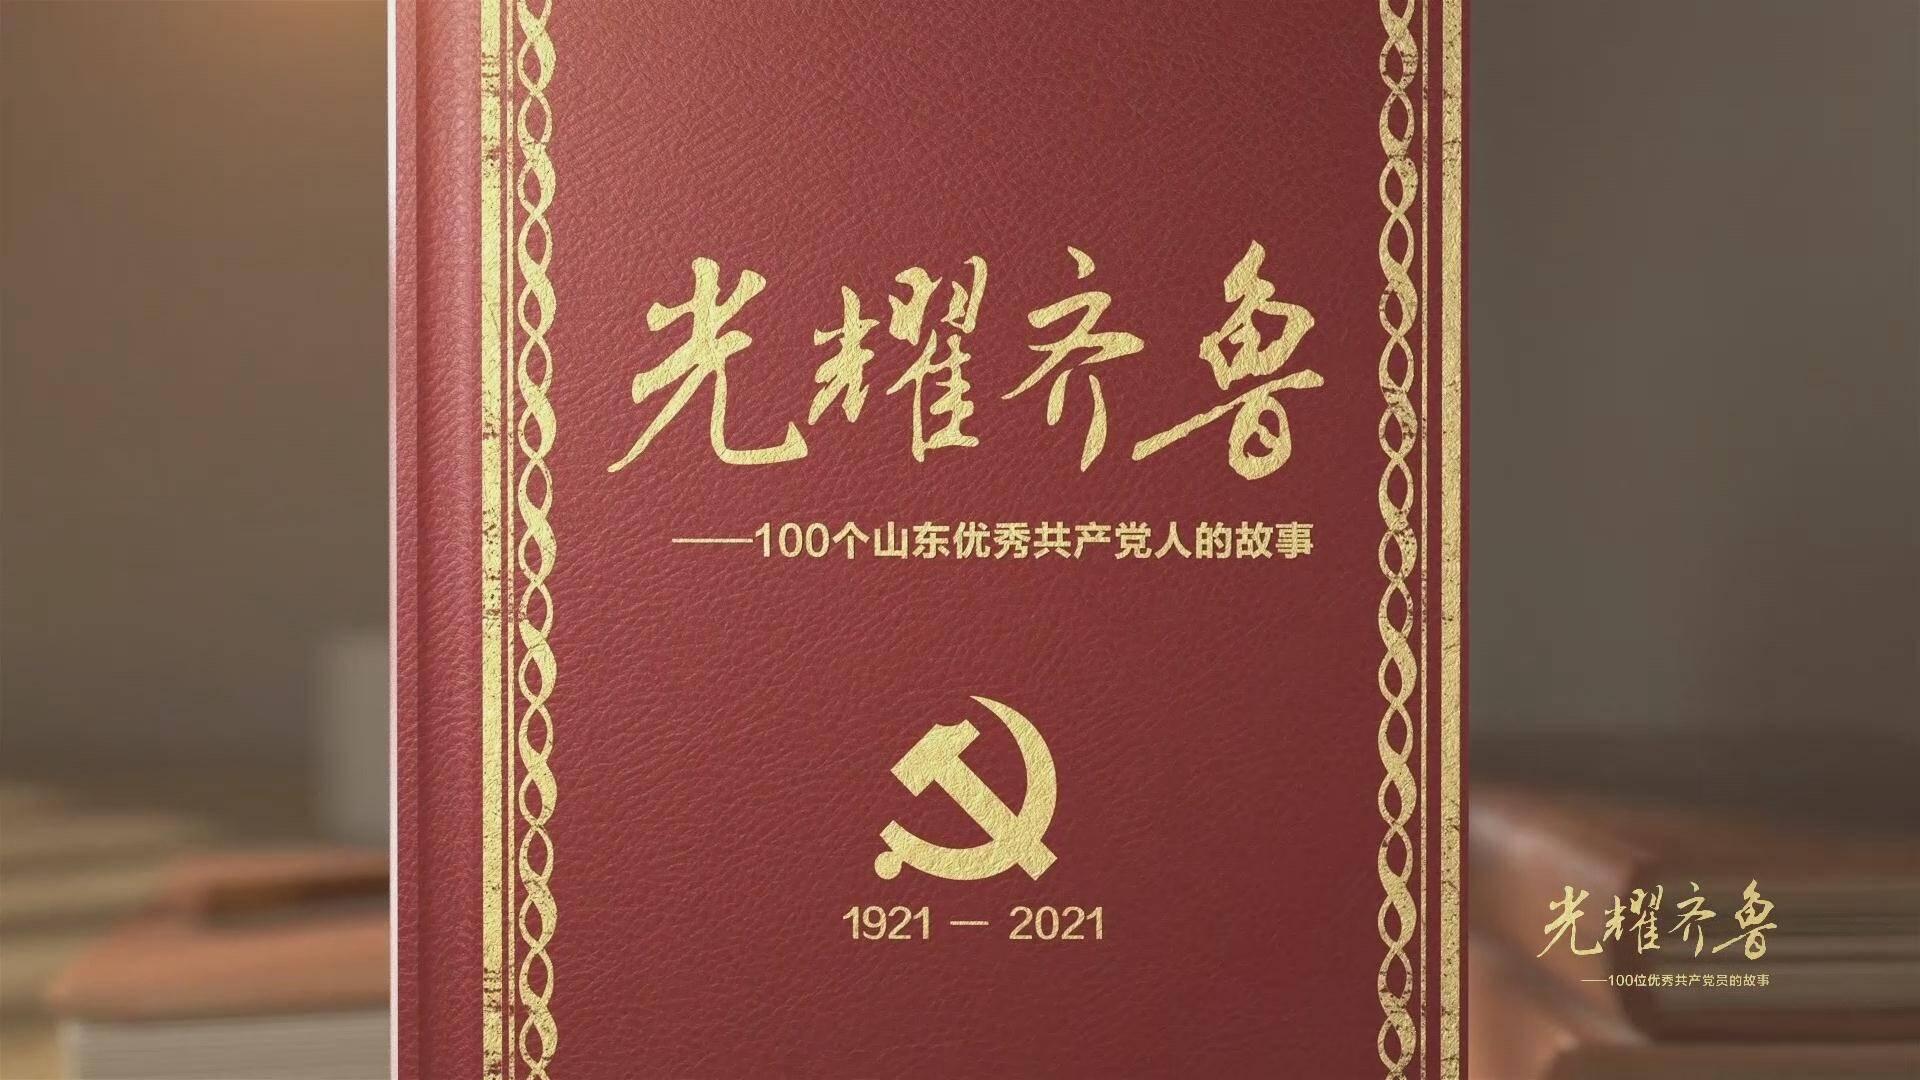 百集微纪录片《光耀齐鲁》今天18:10播出第23集《赵镈》第24集《林凡义》